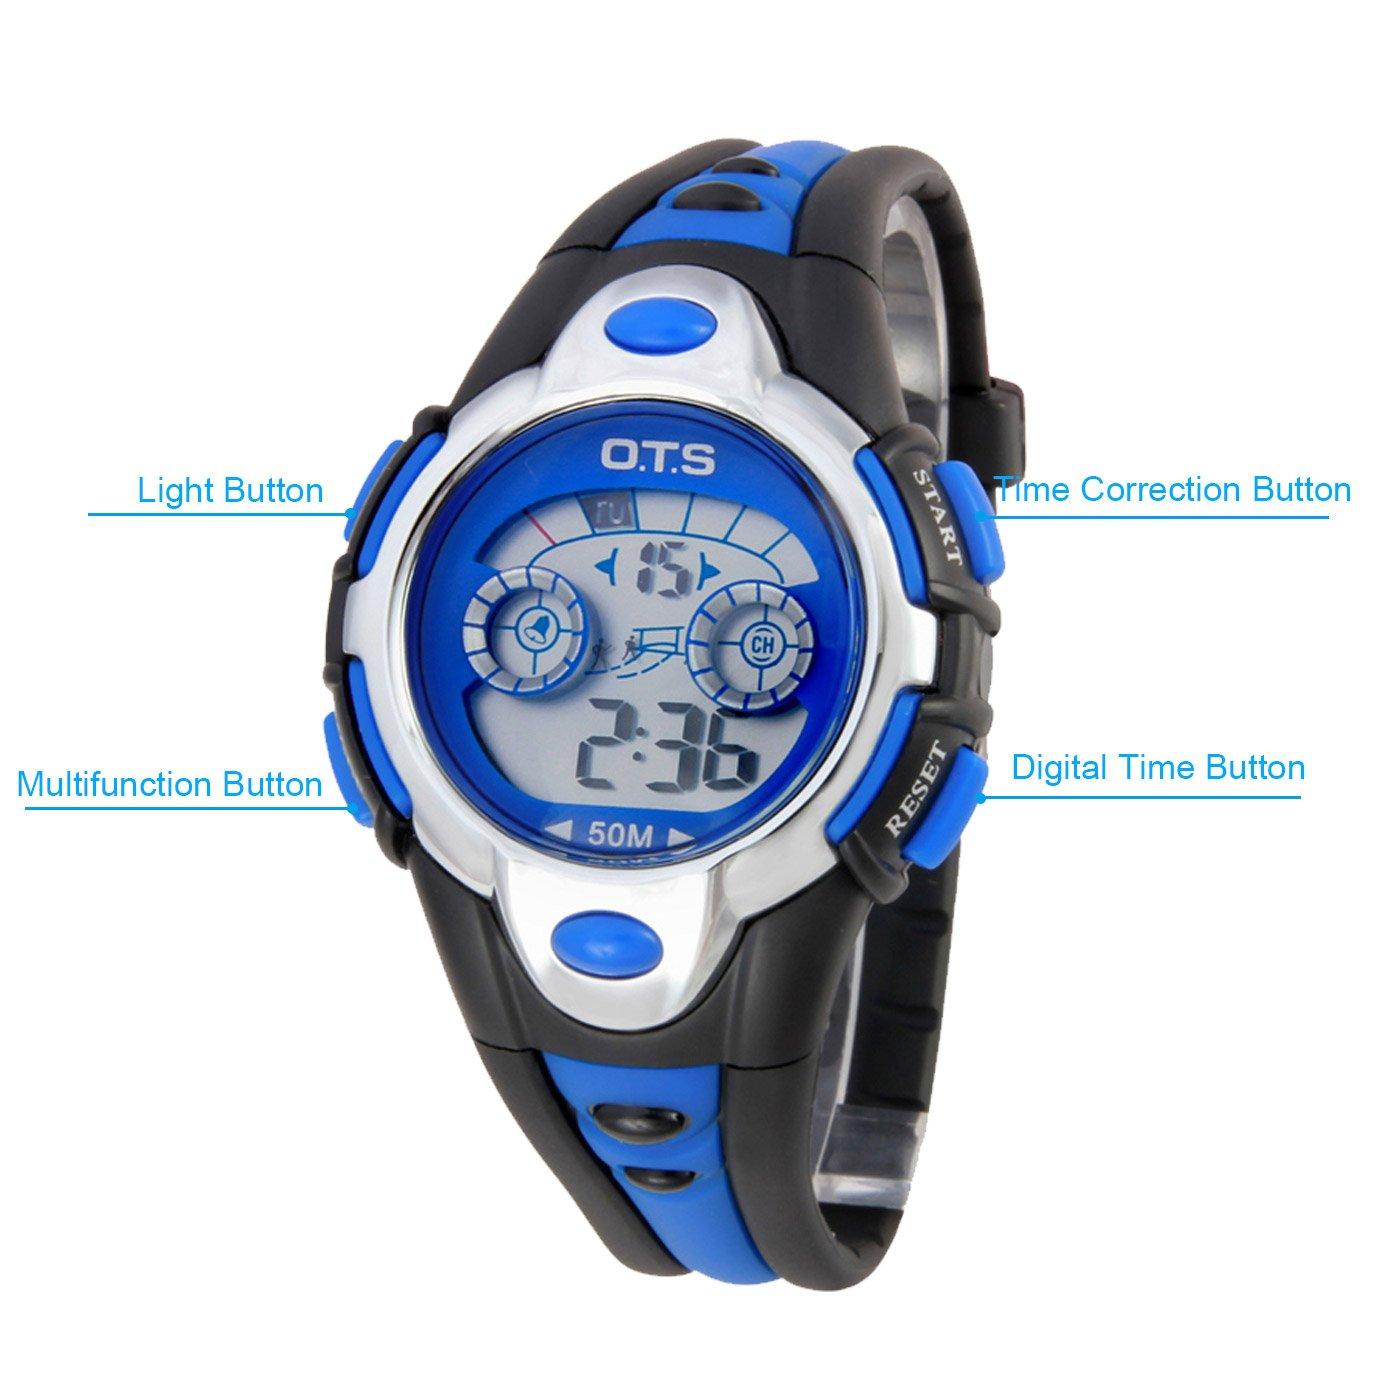 OTS - Reloj Digital Deportivo Impermeable Luminoso de Cuarzo con Alarma para Niños y Estudiantes - Color Azul: Amazon.es: Relojes